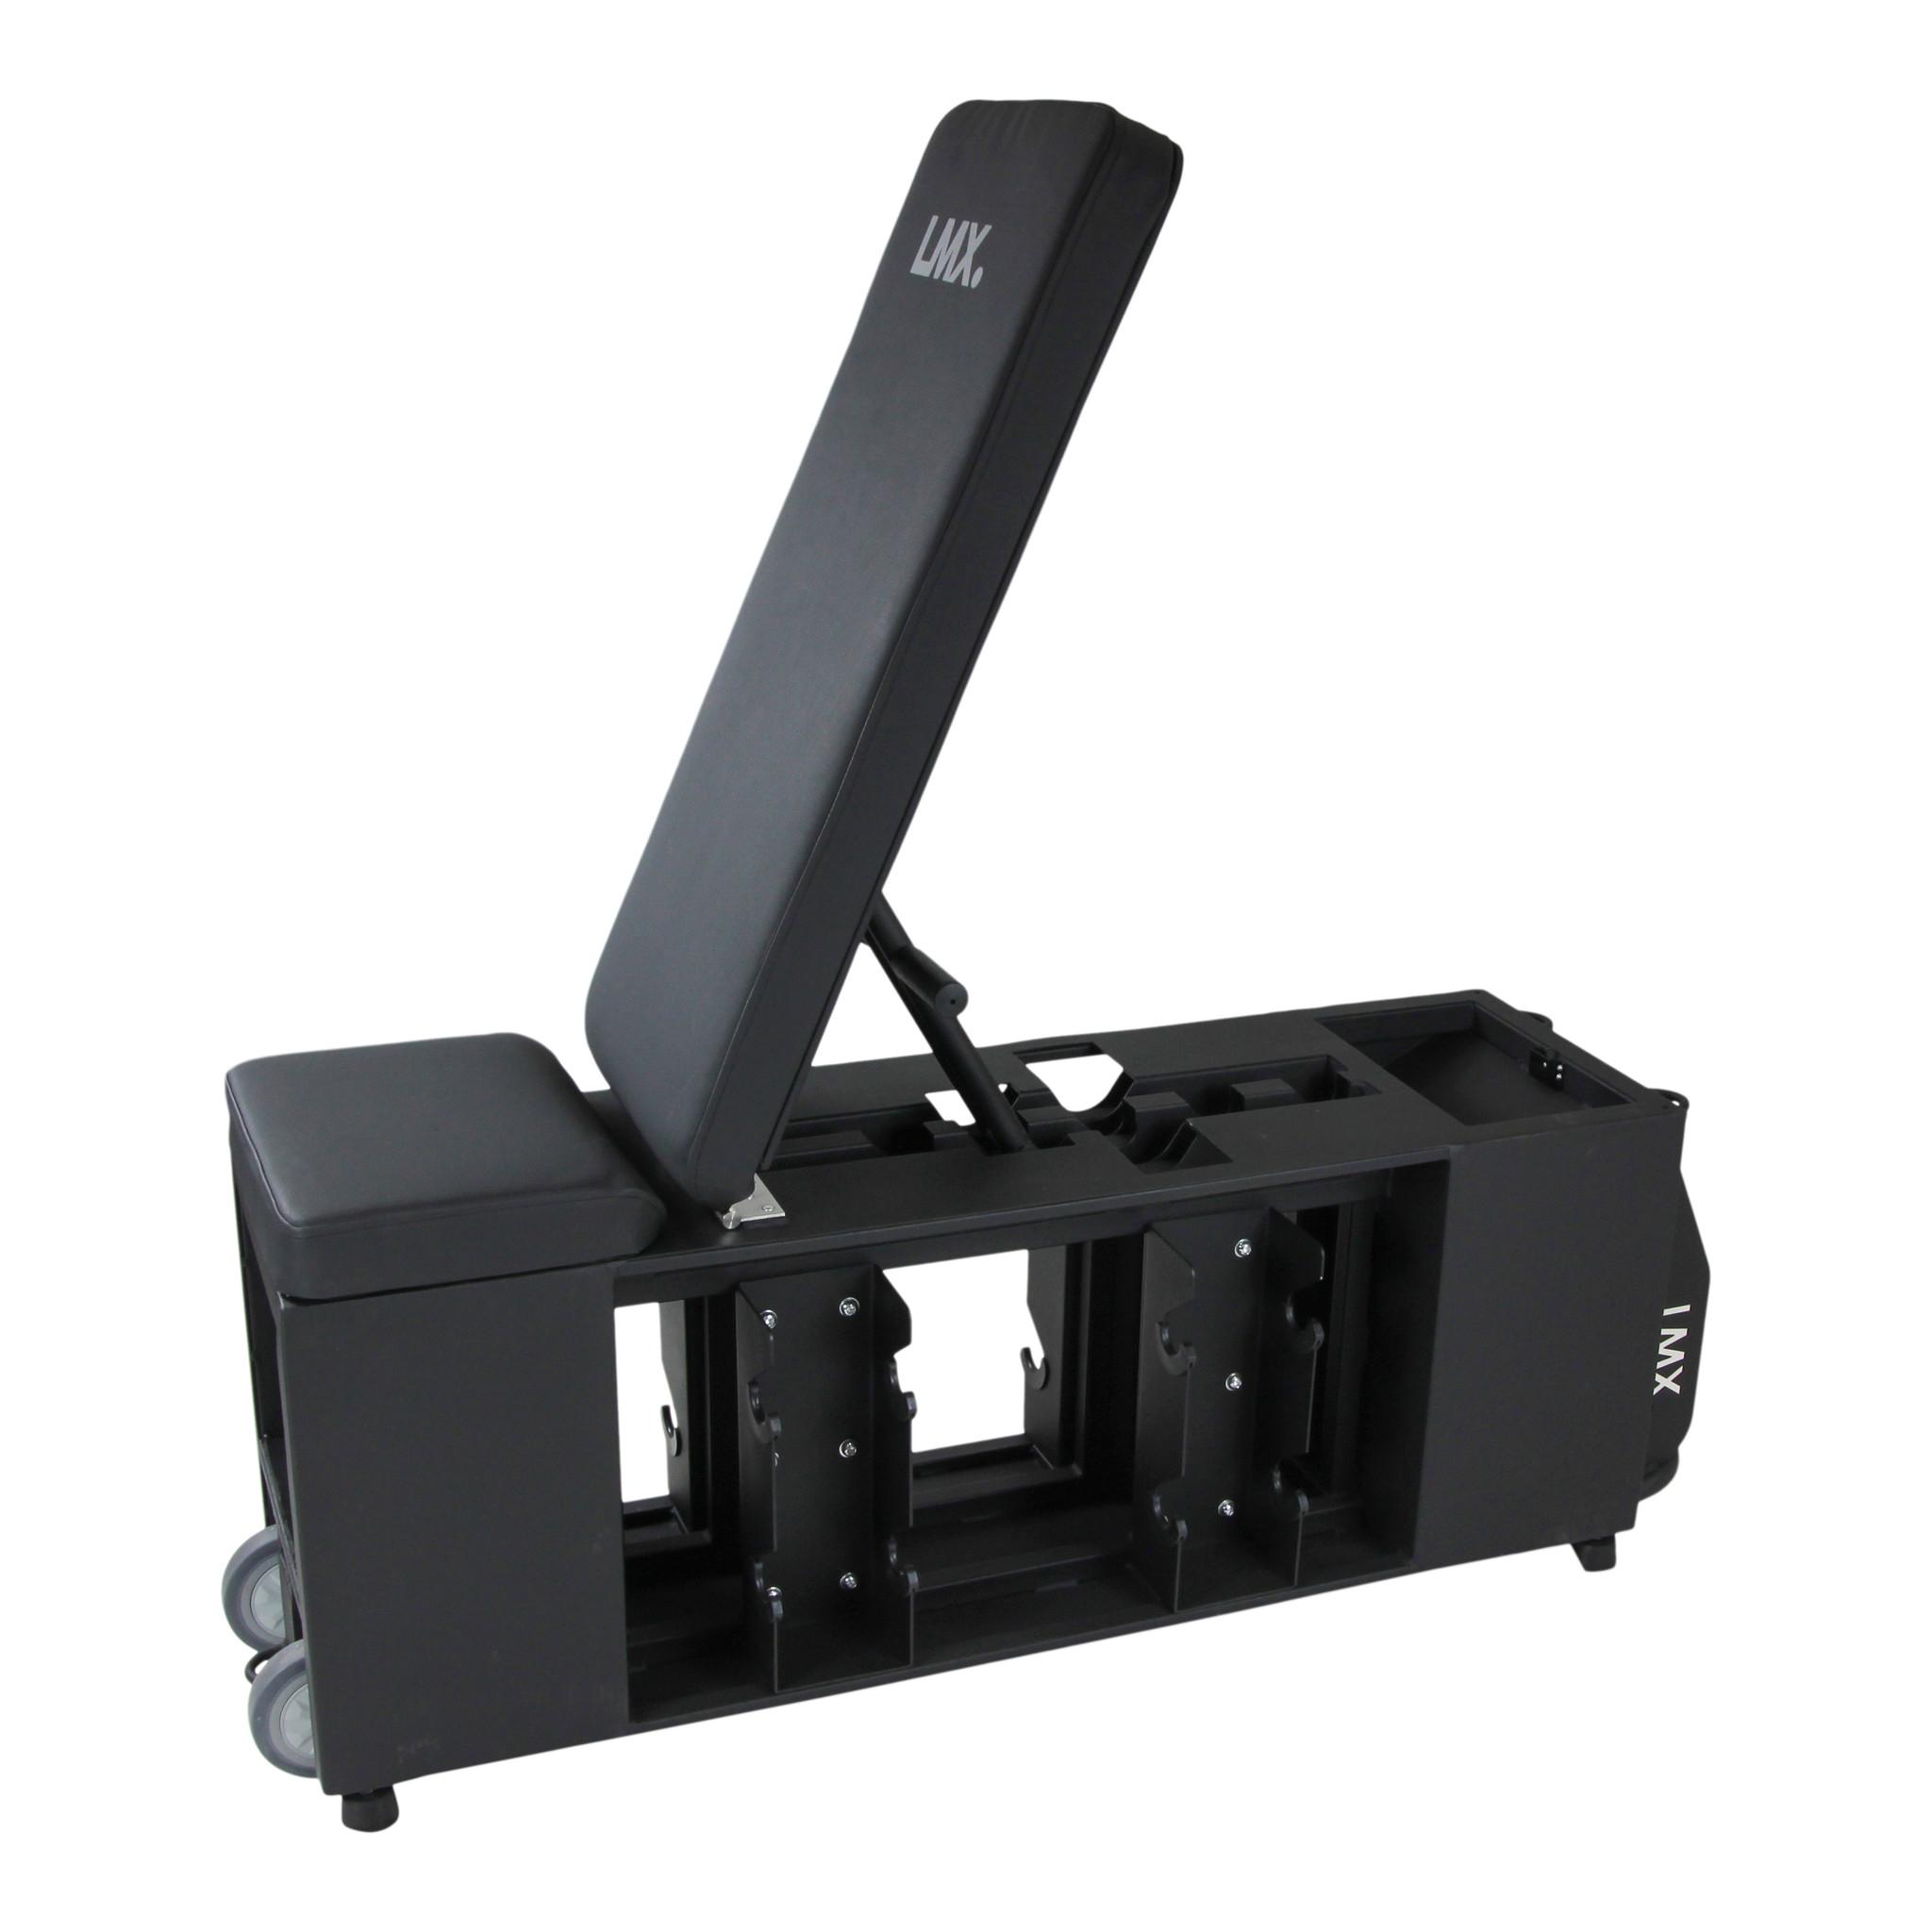 LMX.® LMX1305 LMX. HIIT Bench